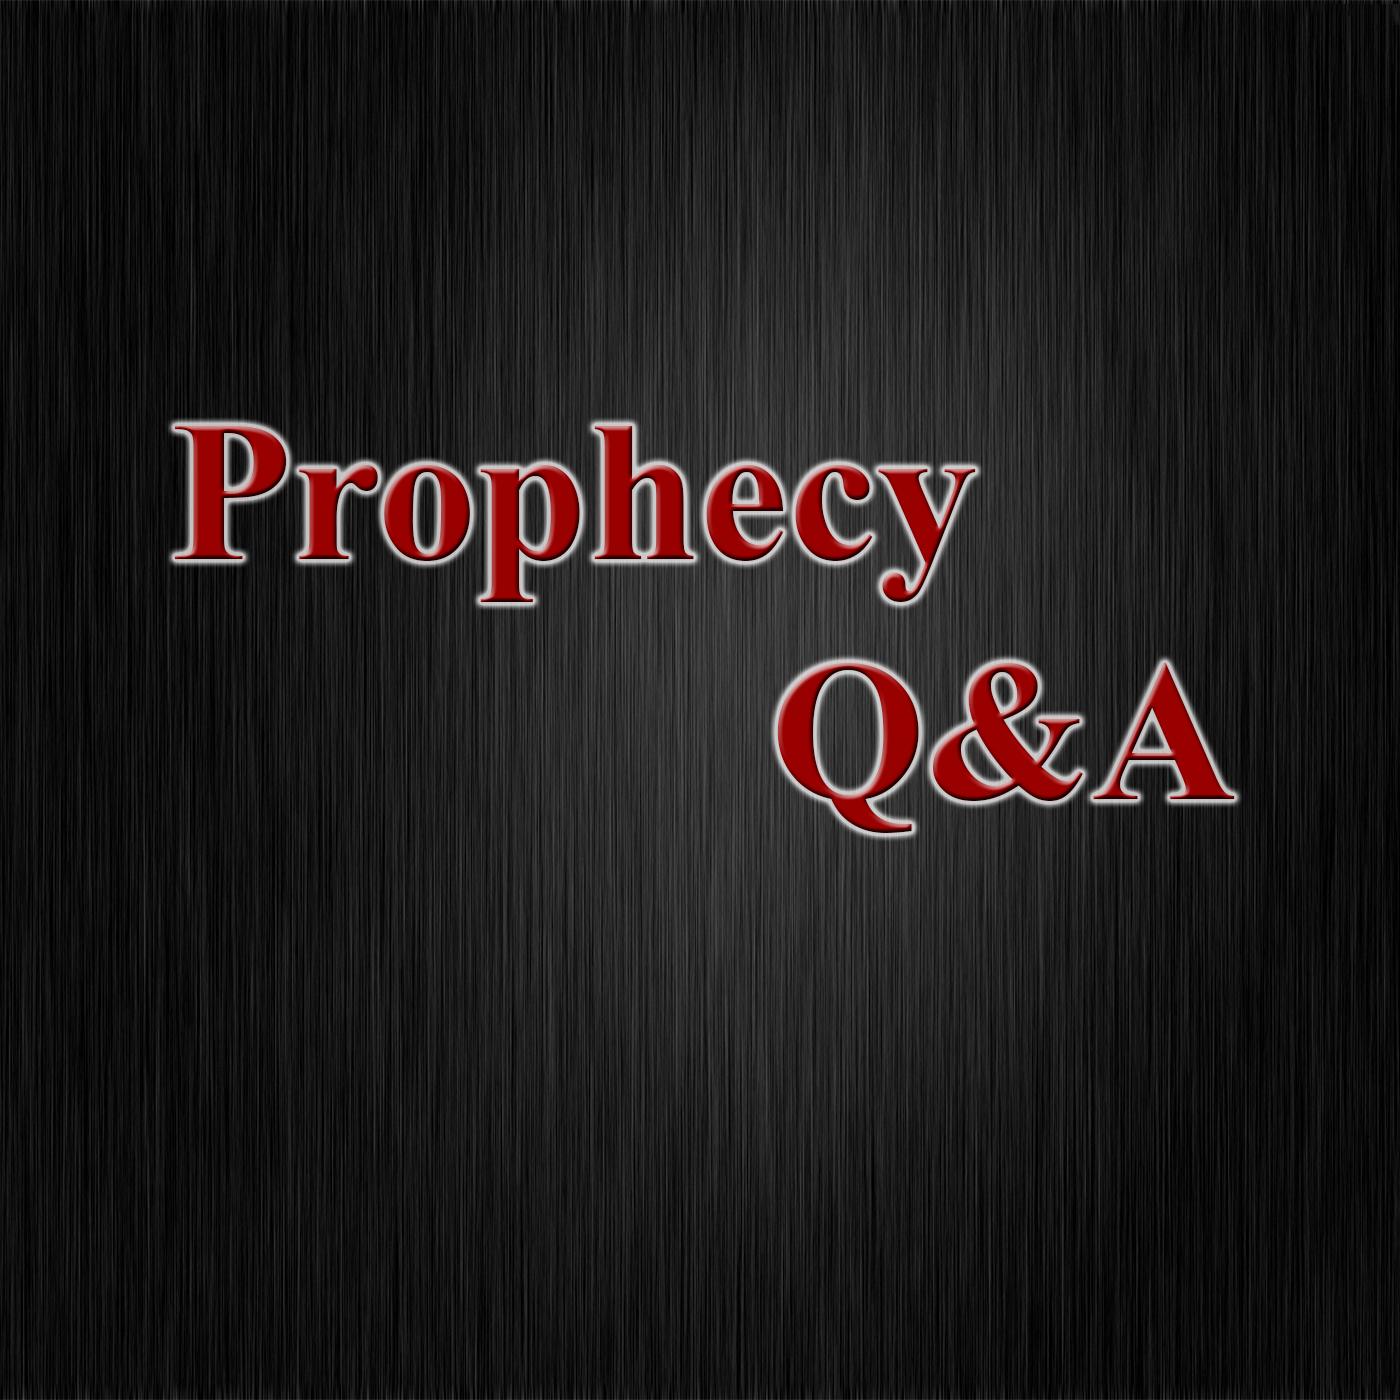 Prophecy Q & A